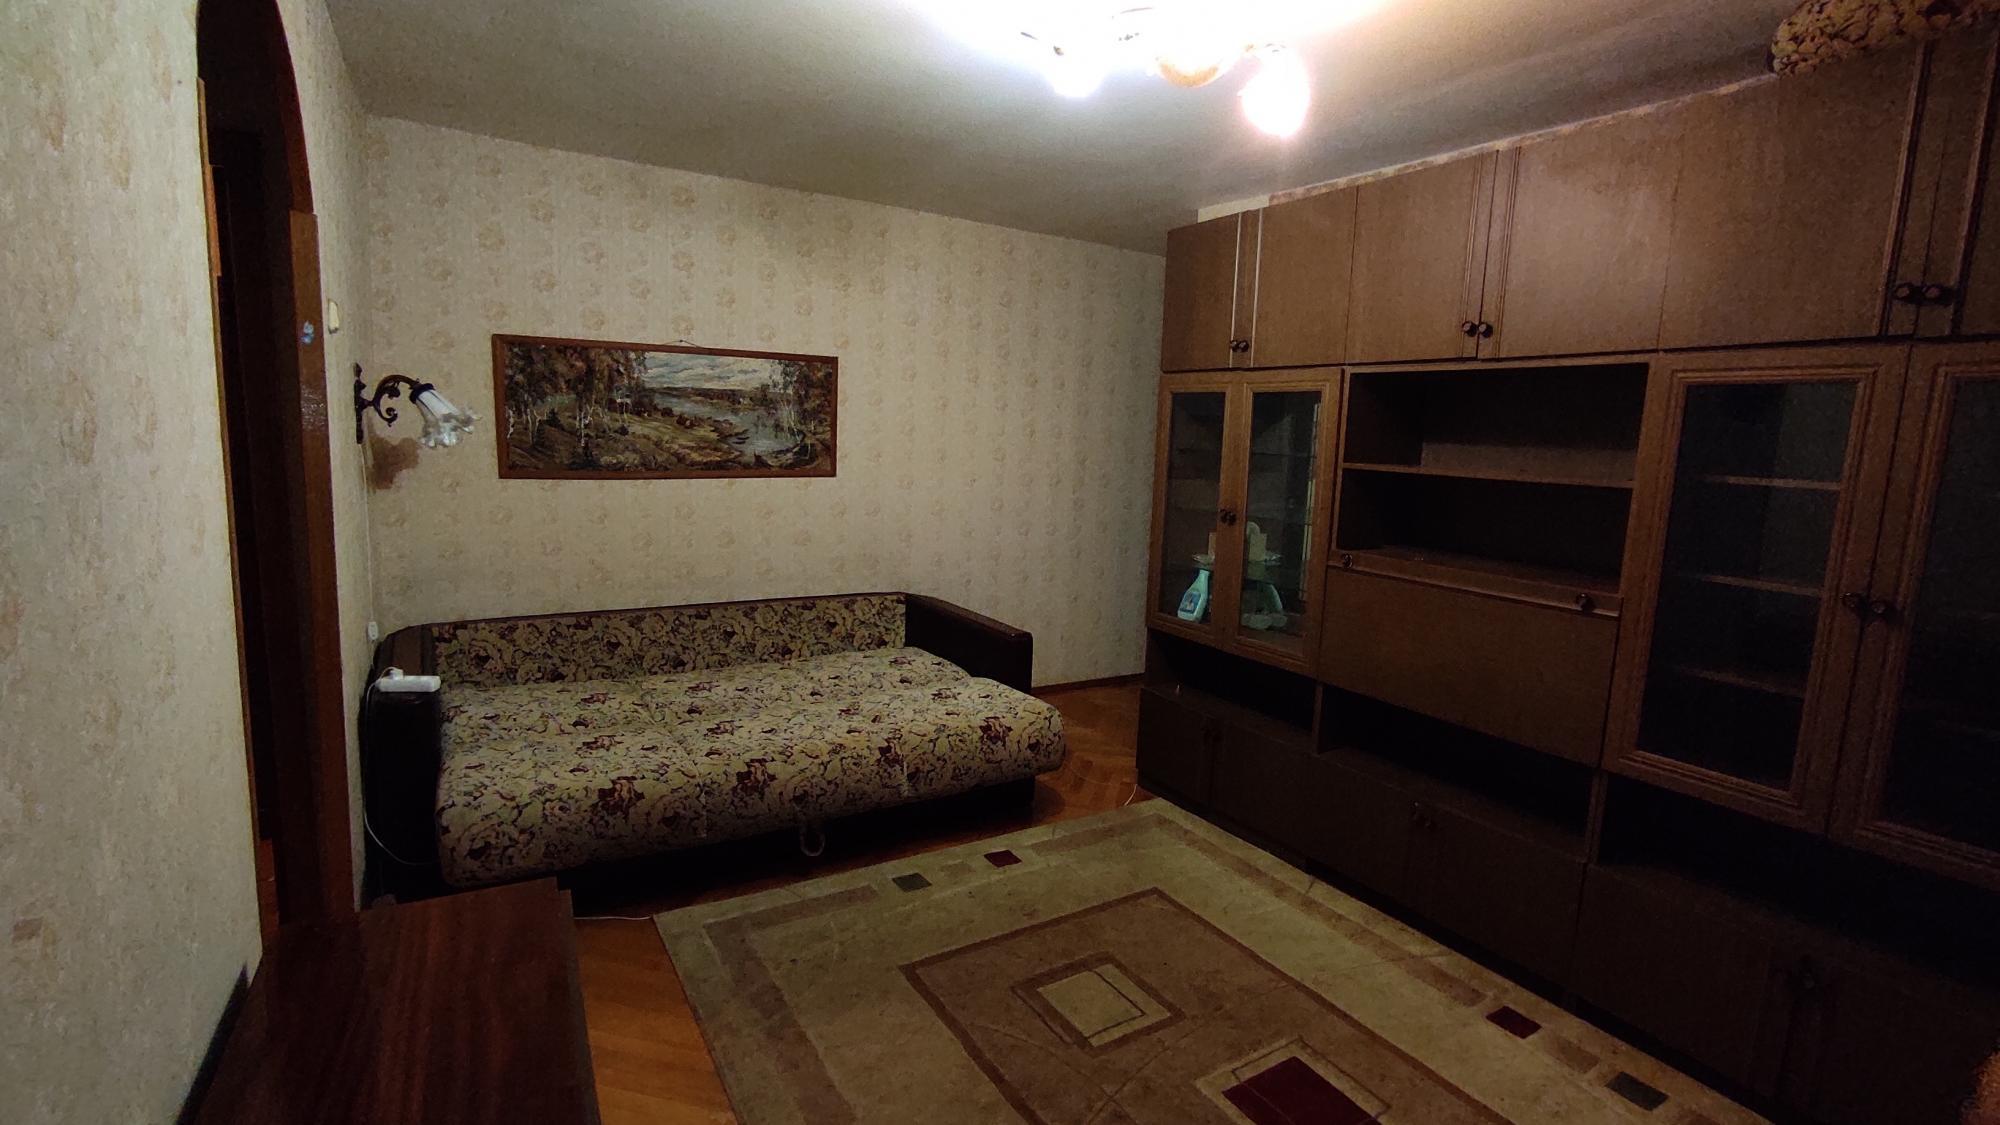 Квартира, 2 комнаты, 43.5 м² в Люберцах 89859757413 купить 2